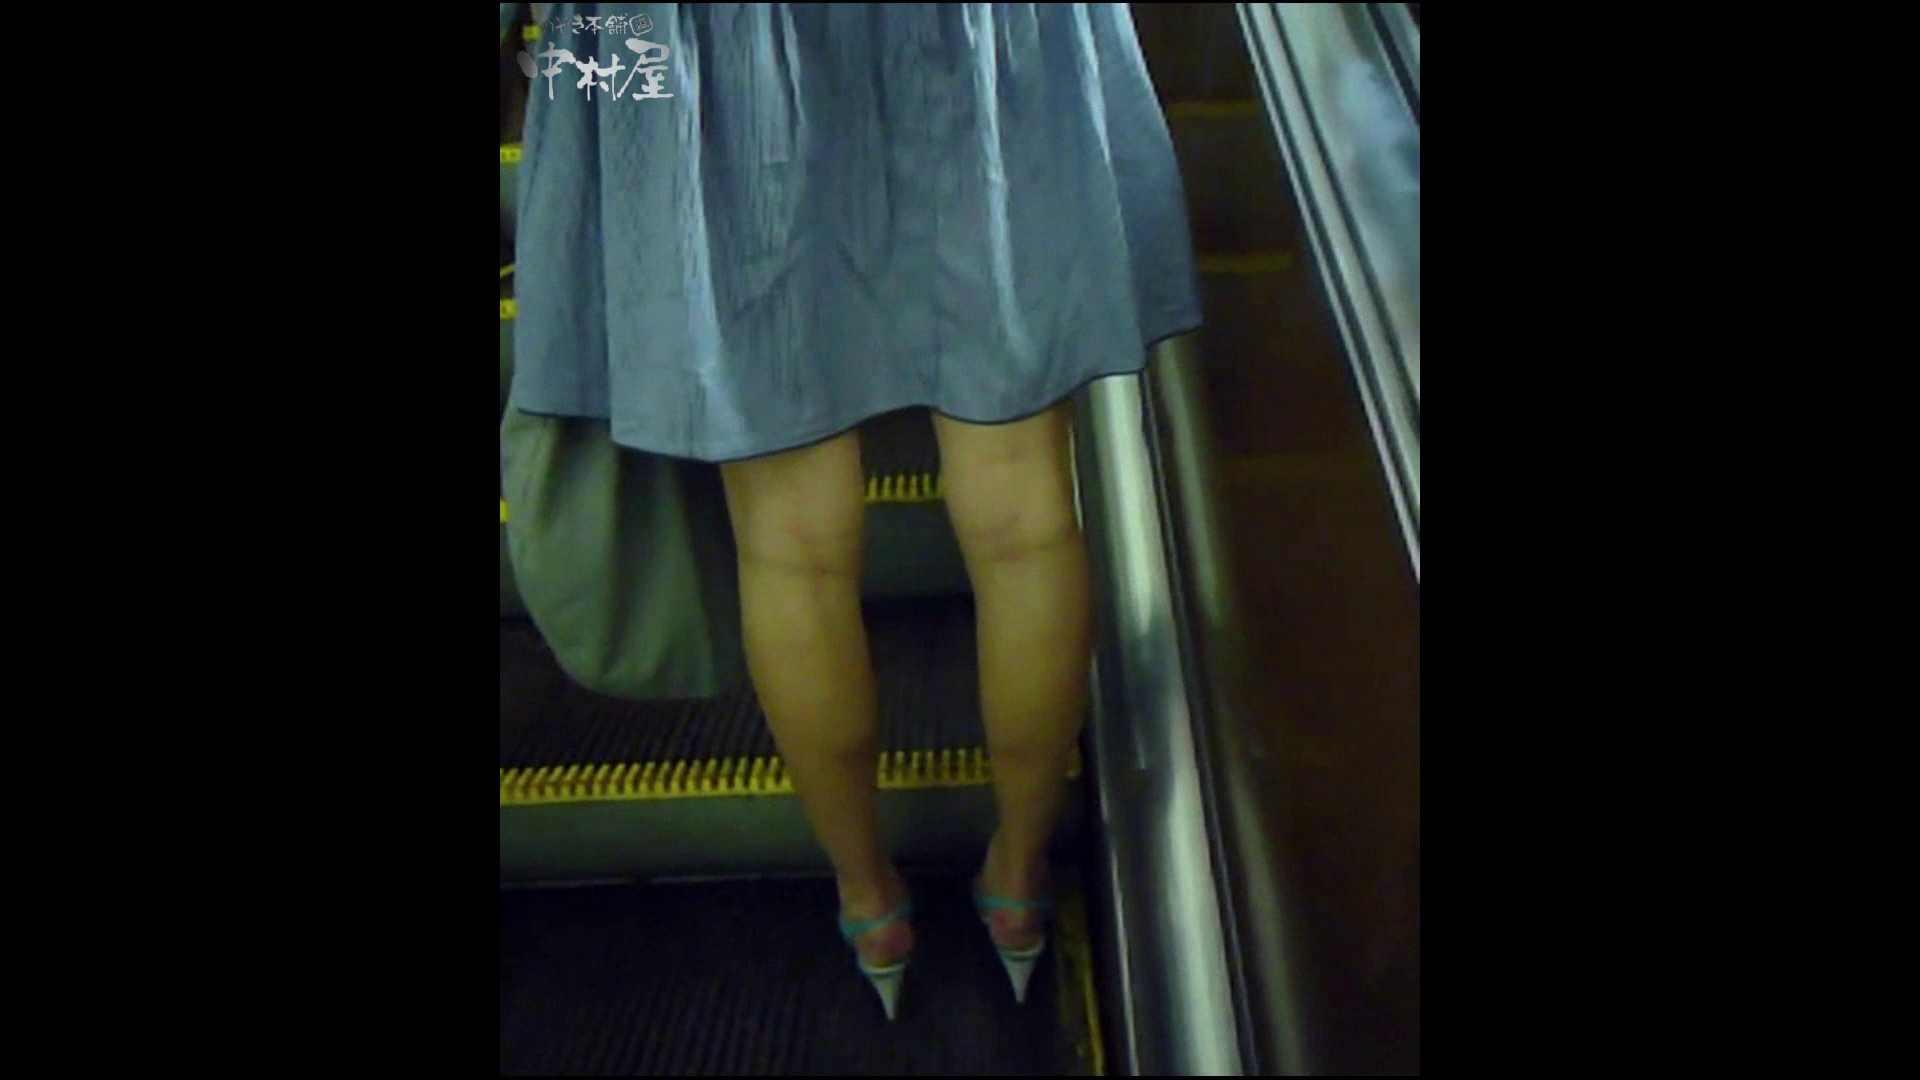 綺麗なモデルさんのスカート捲っちゃおう‼ vol26 モデル われめAV動画紹介 80pic 65